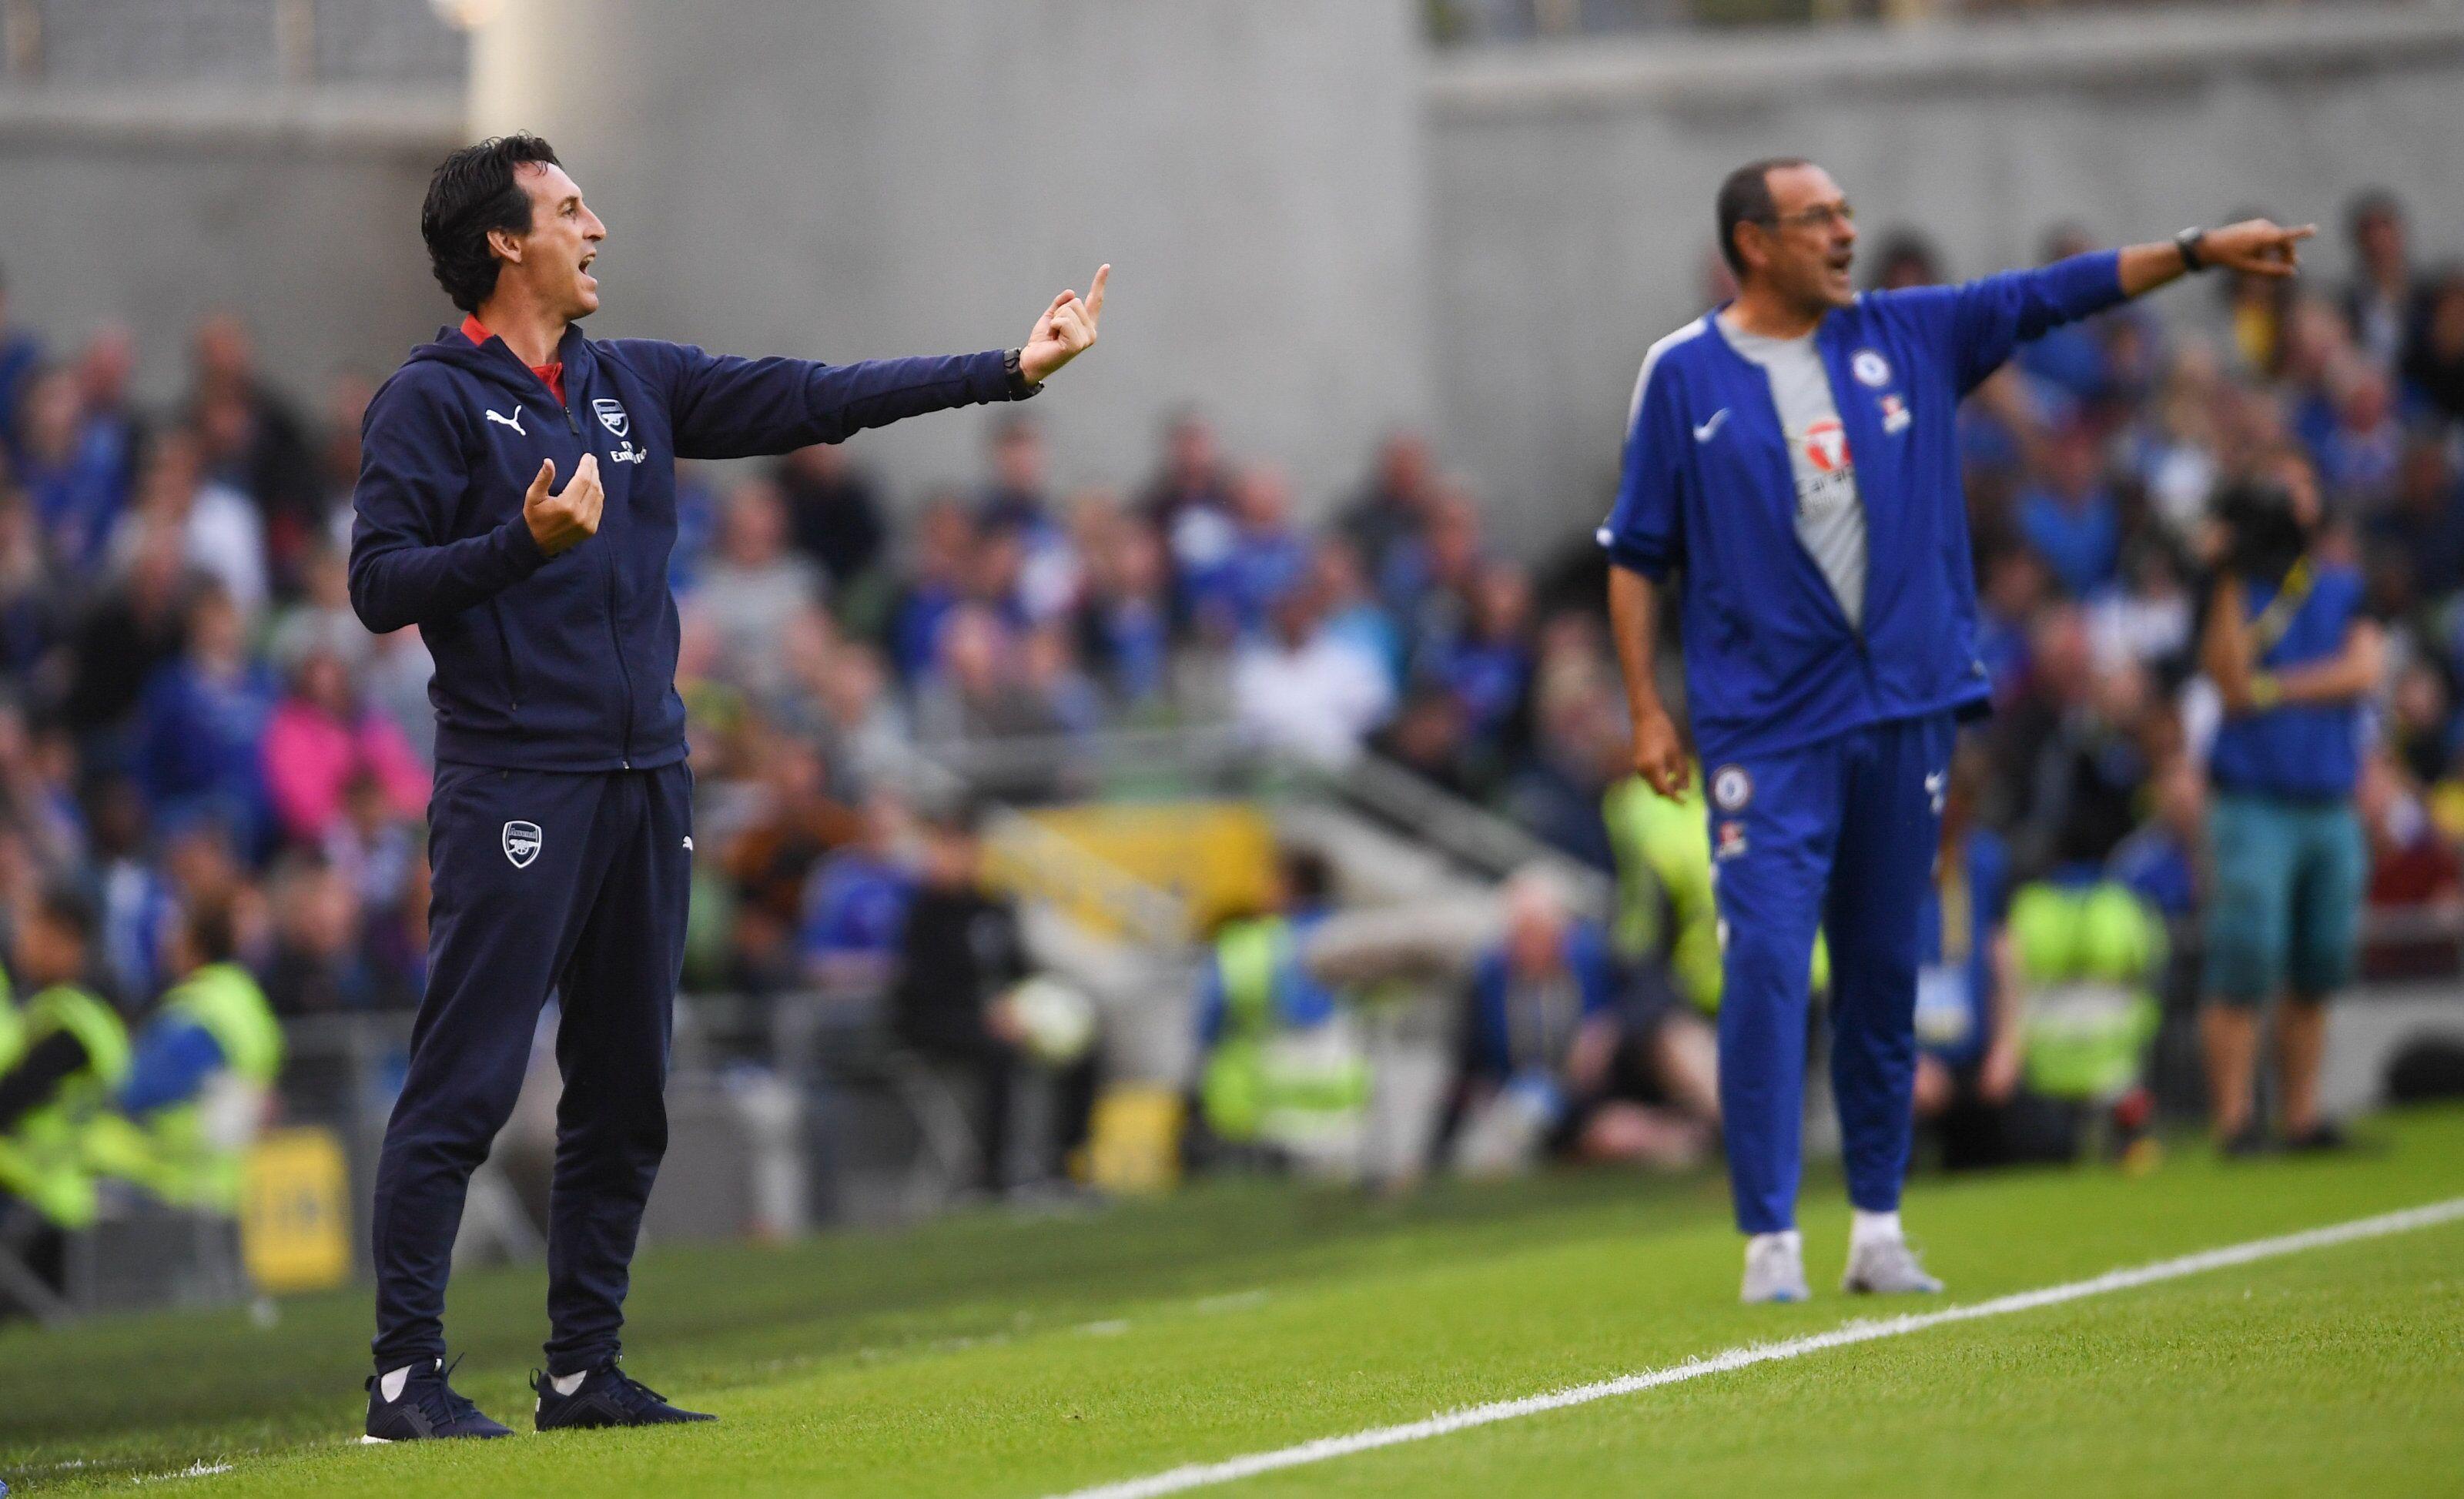 Unai Emery vs Maurizio Sarri: Which coach has been more impressive?